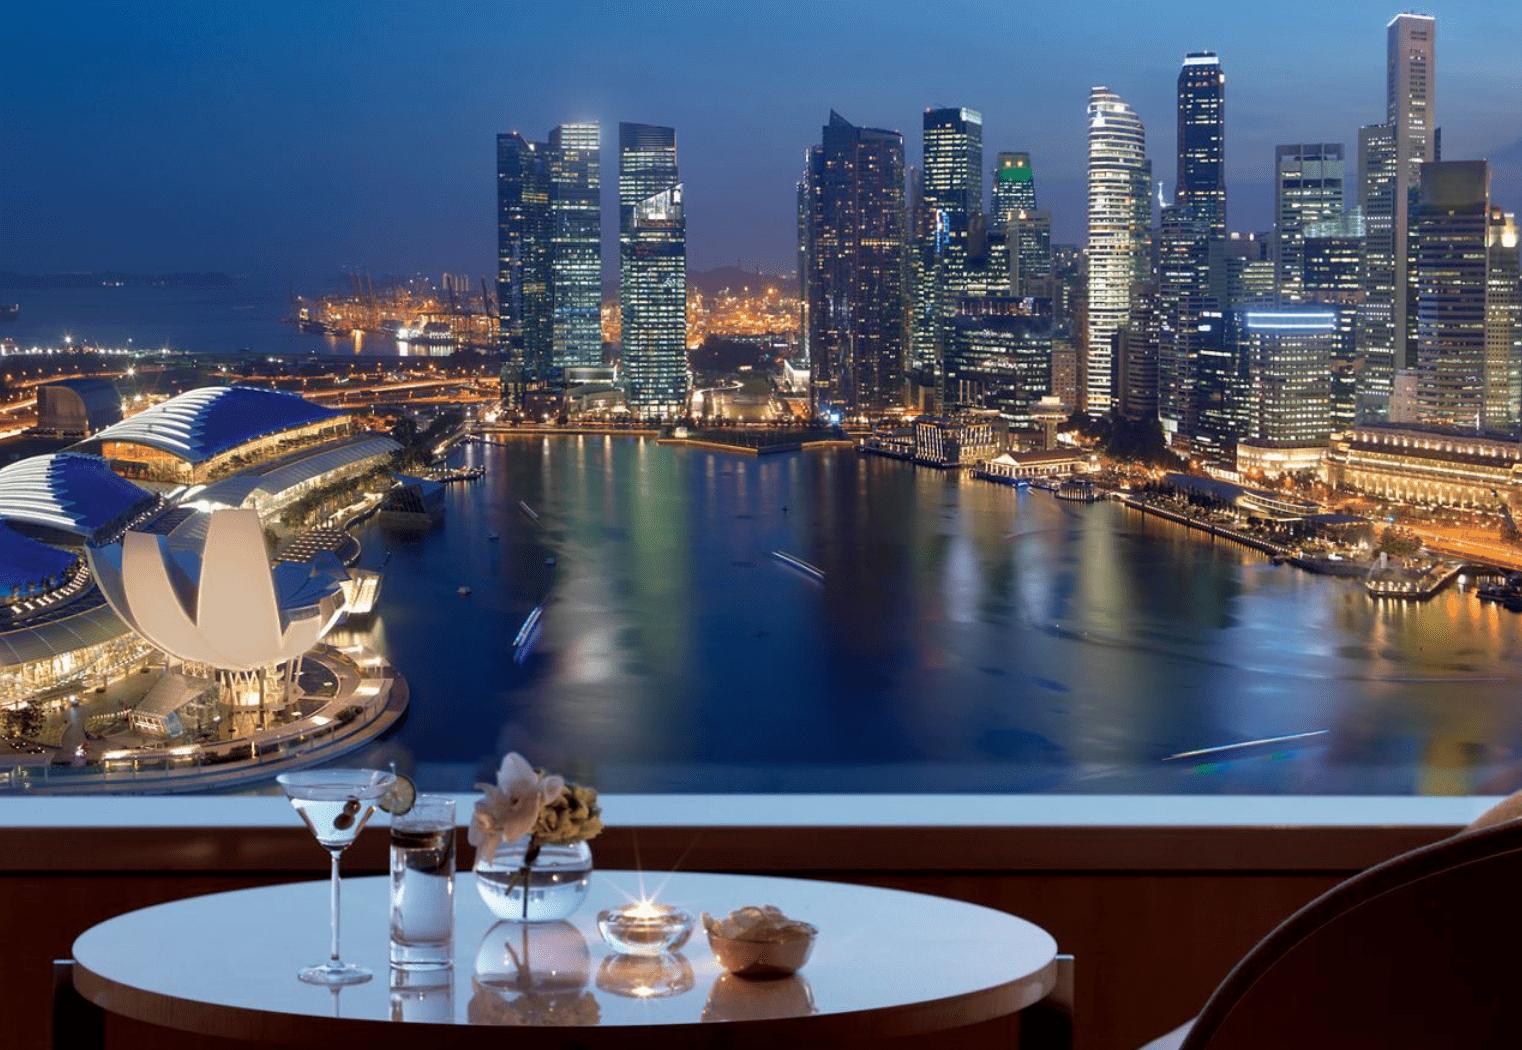 The Ritz-Carlton, Millennia Singapore